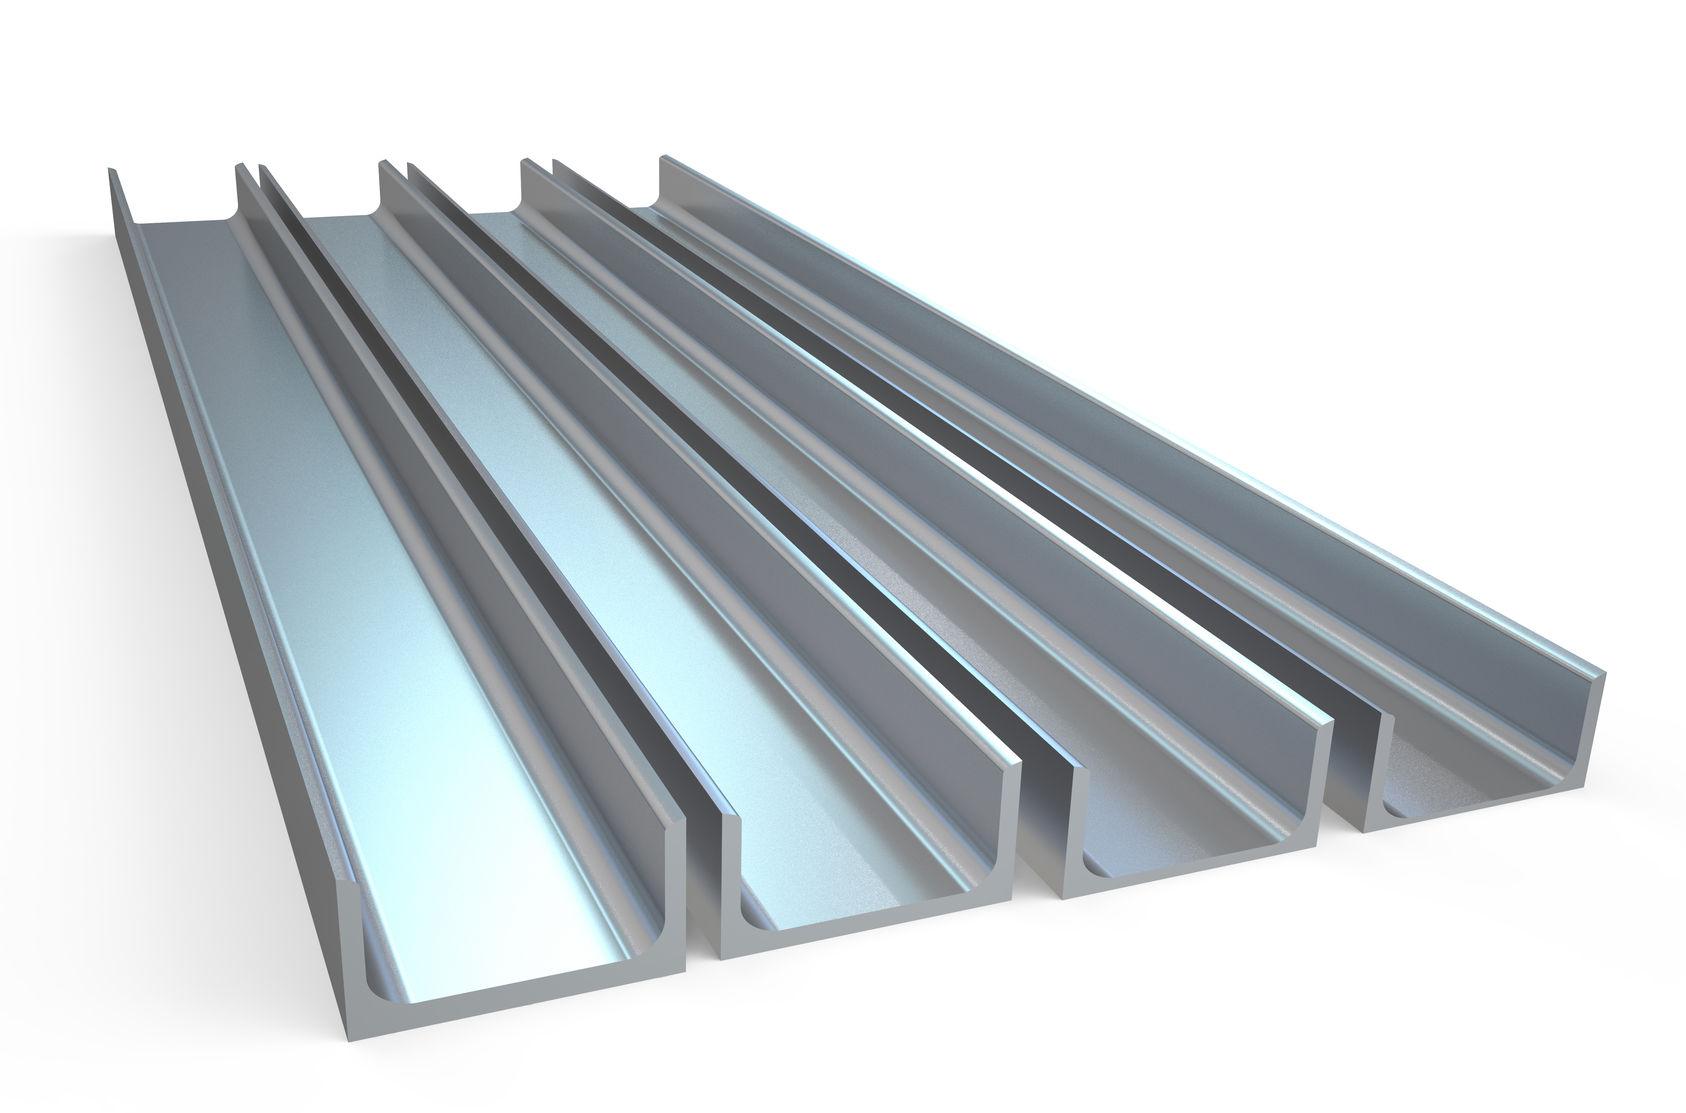 8 Jenis Besi Yang Harus Diketahui Sebelum Renovasi Rumah Nama nama jenis besi